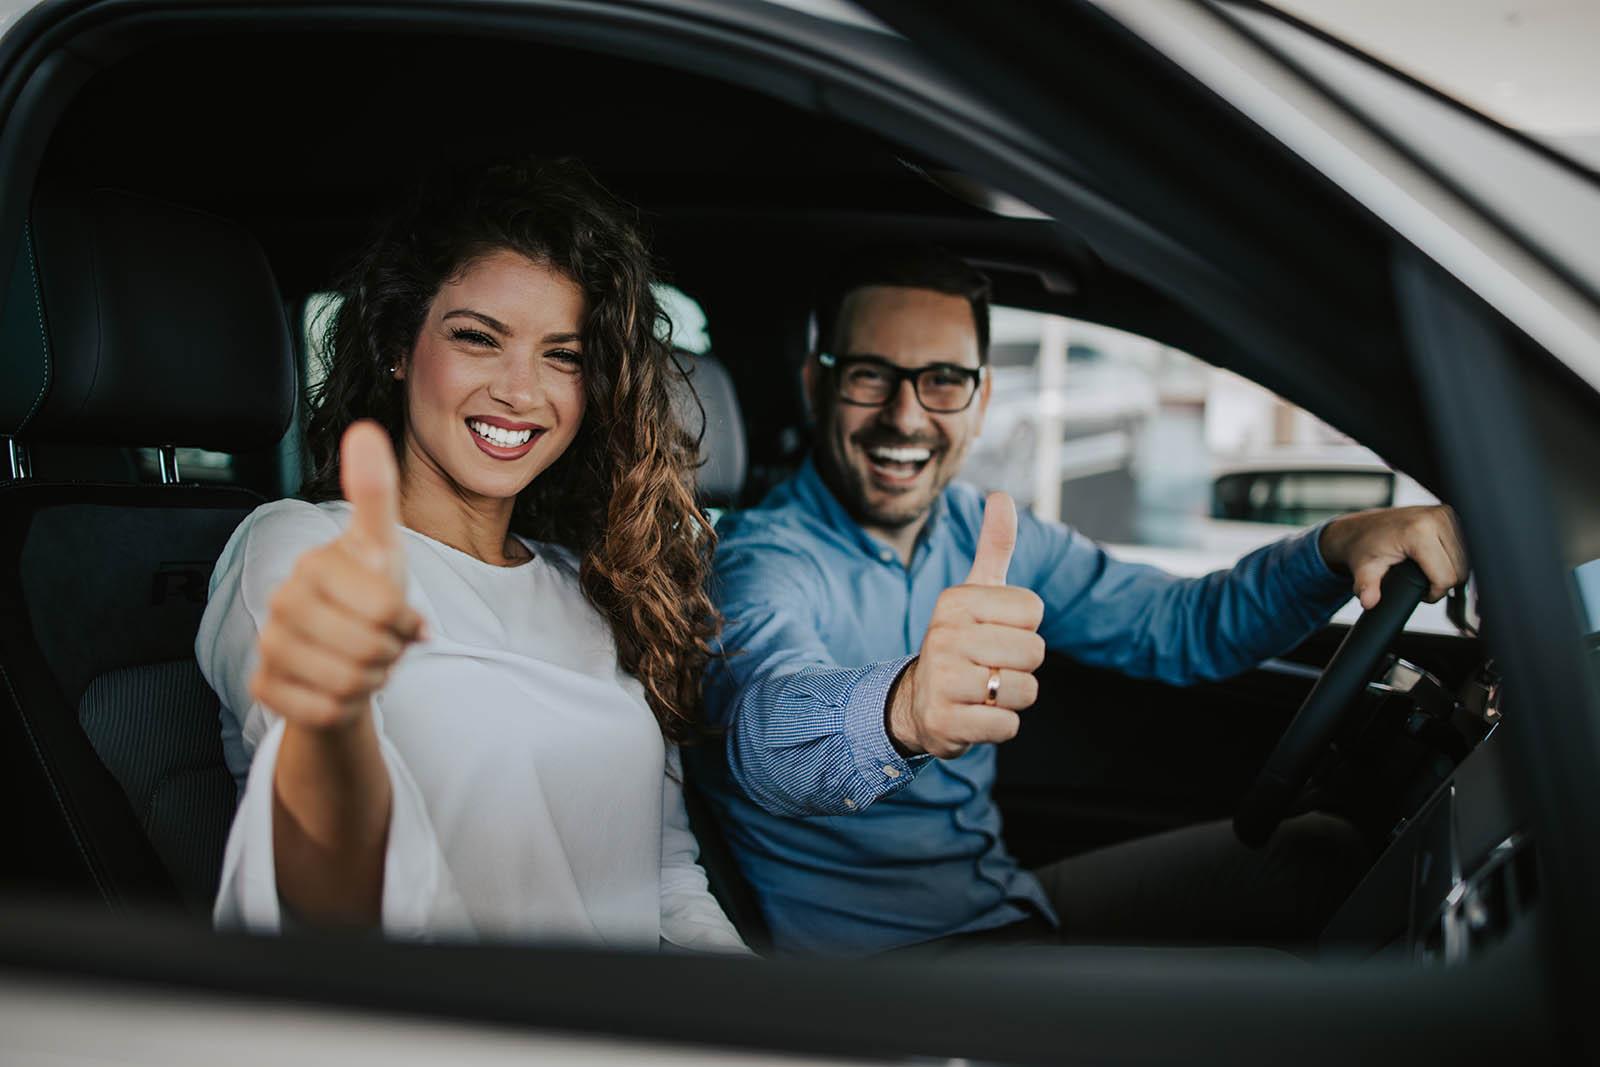 En man och en kvinna i en bil ler och gör tummen upp.